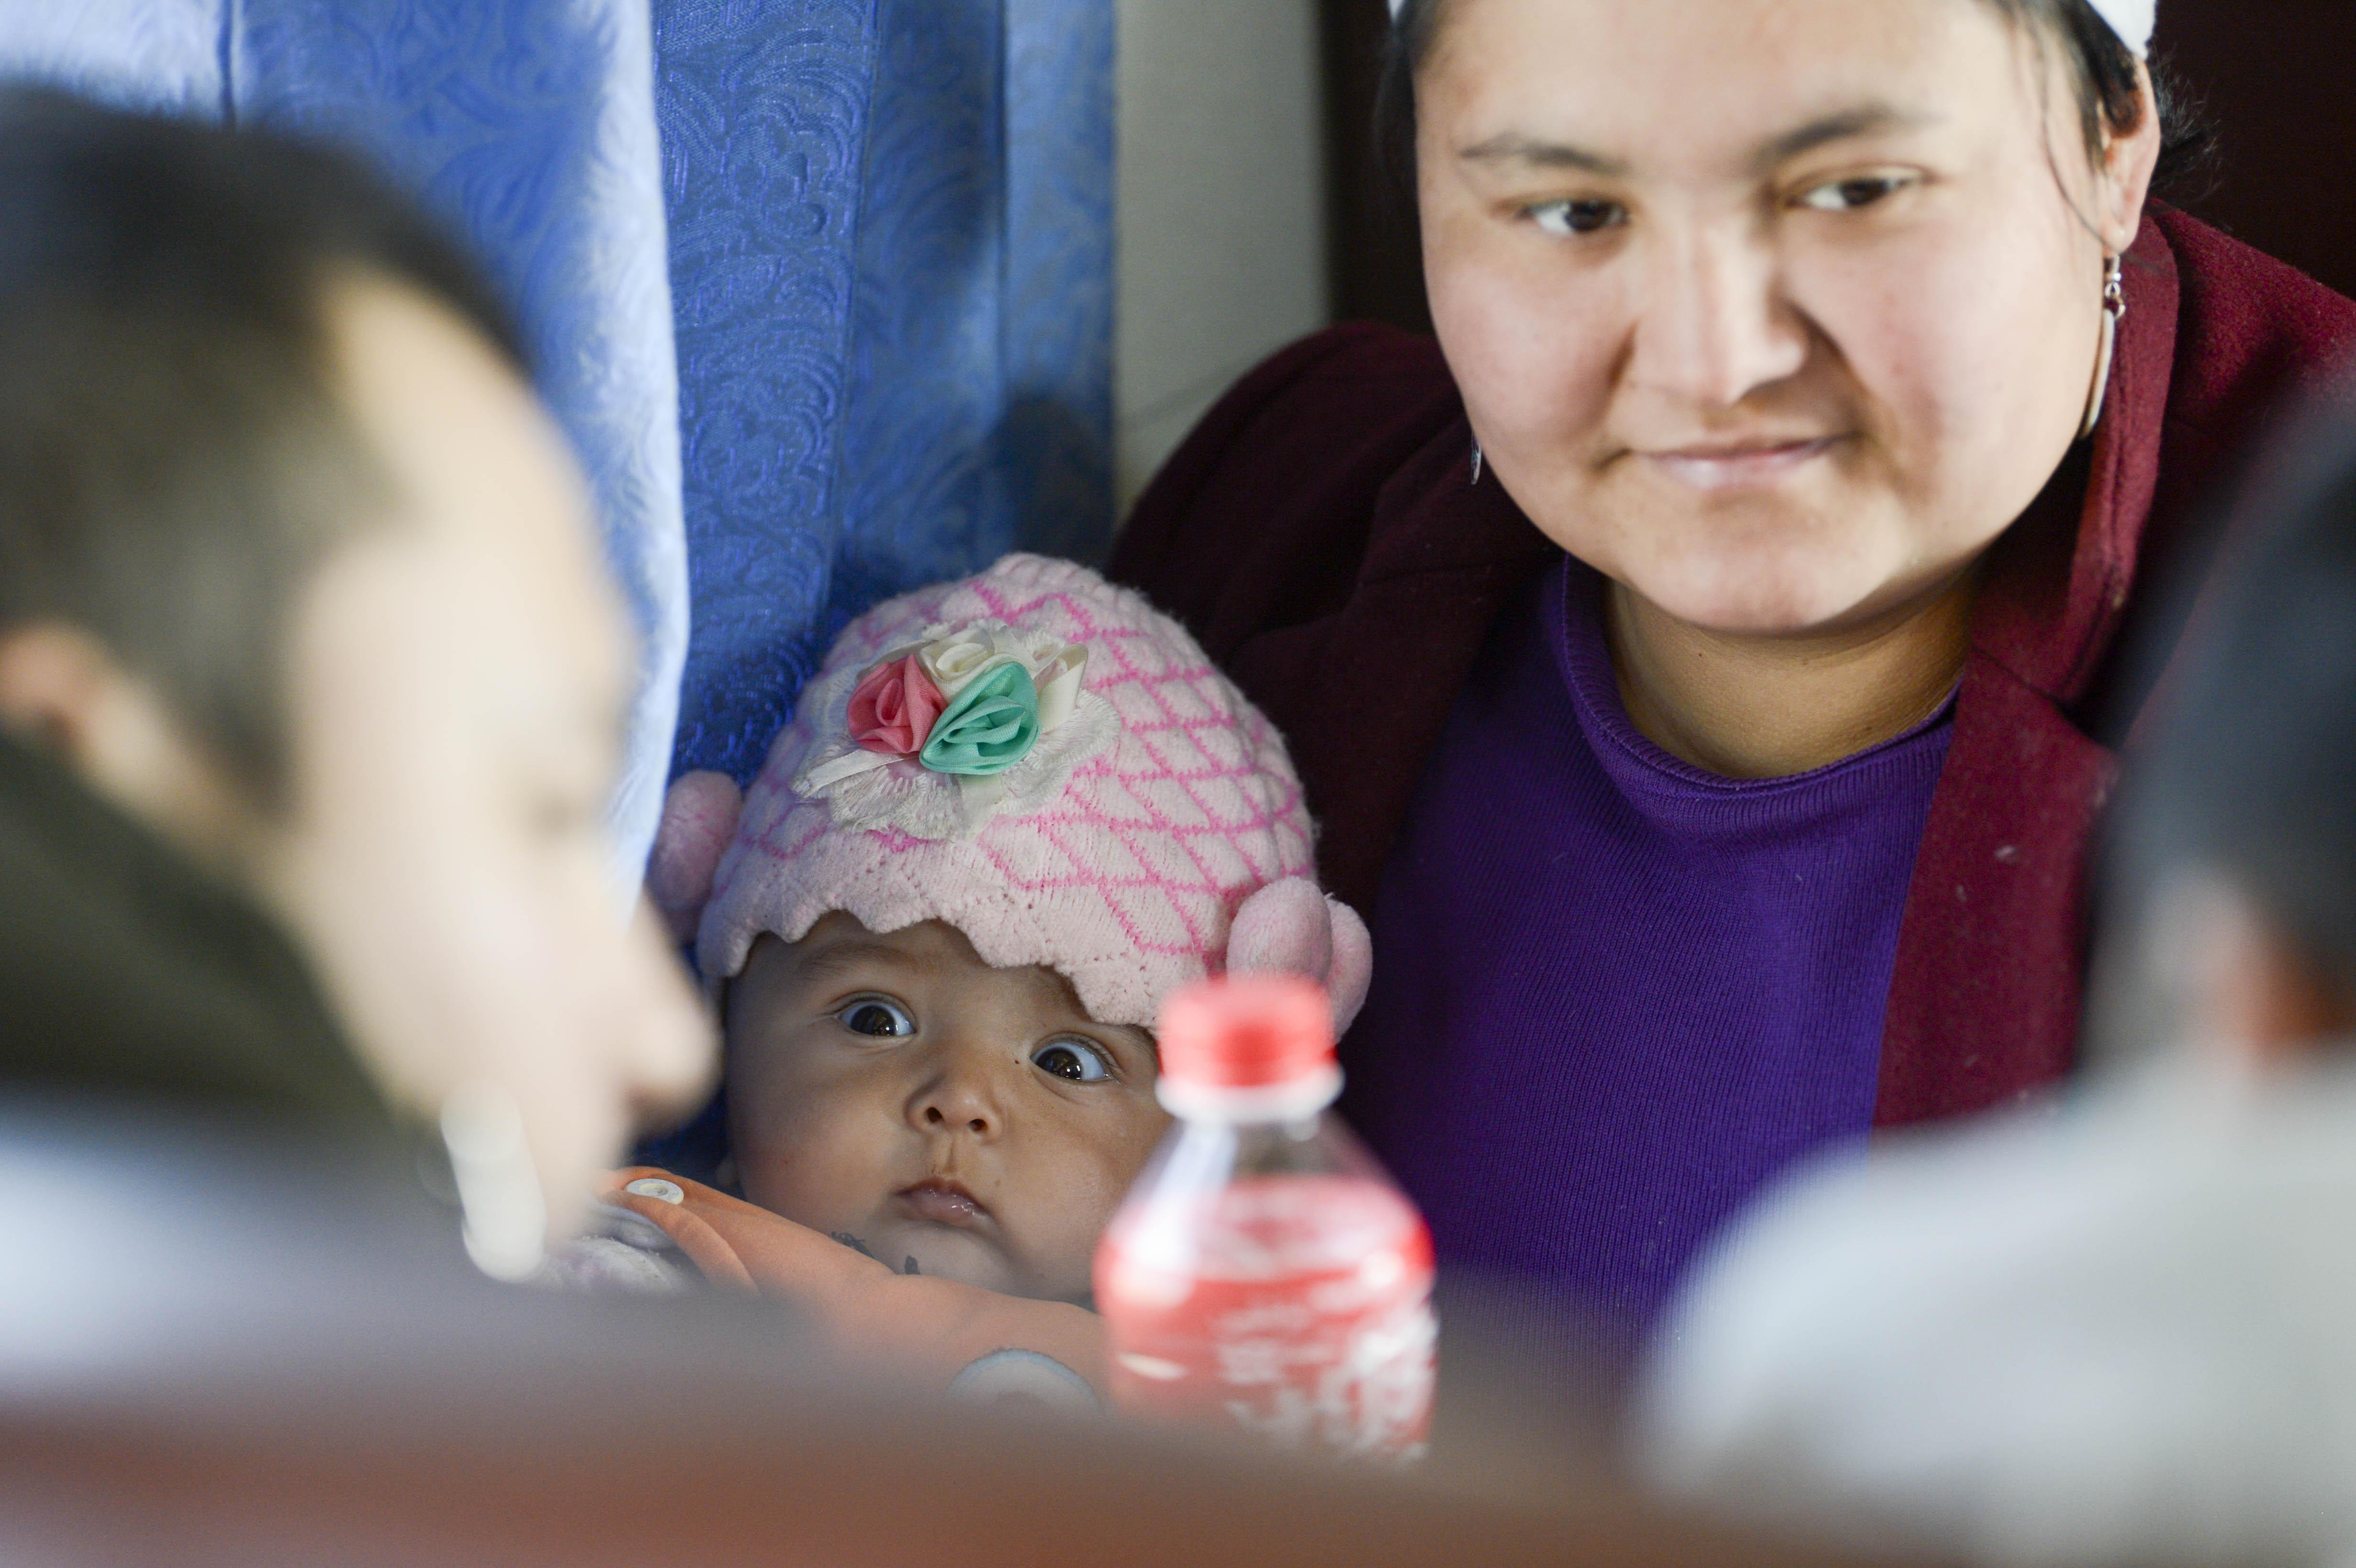 在5809次列车上,一位小乘客瞪大眼睛观察着周围陌生的环境(11月24日摄)。运行缓慢价格低廉的绿皮车正改变着过往的每一位旅客。